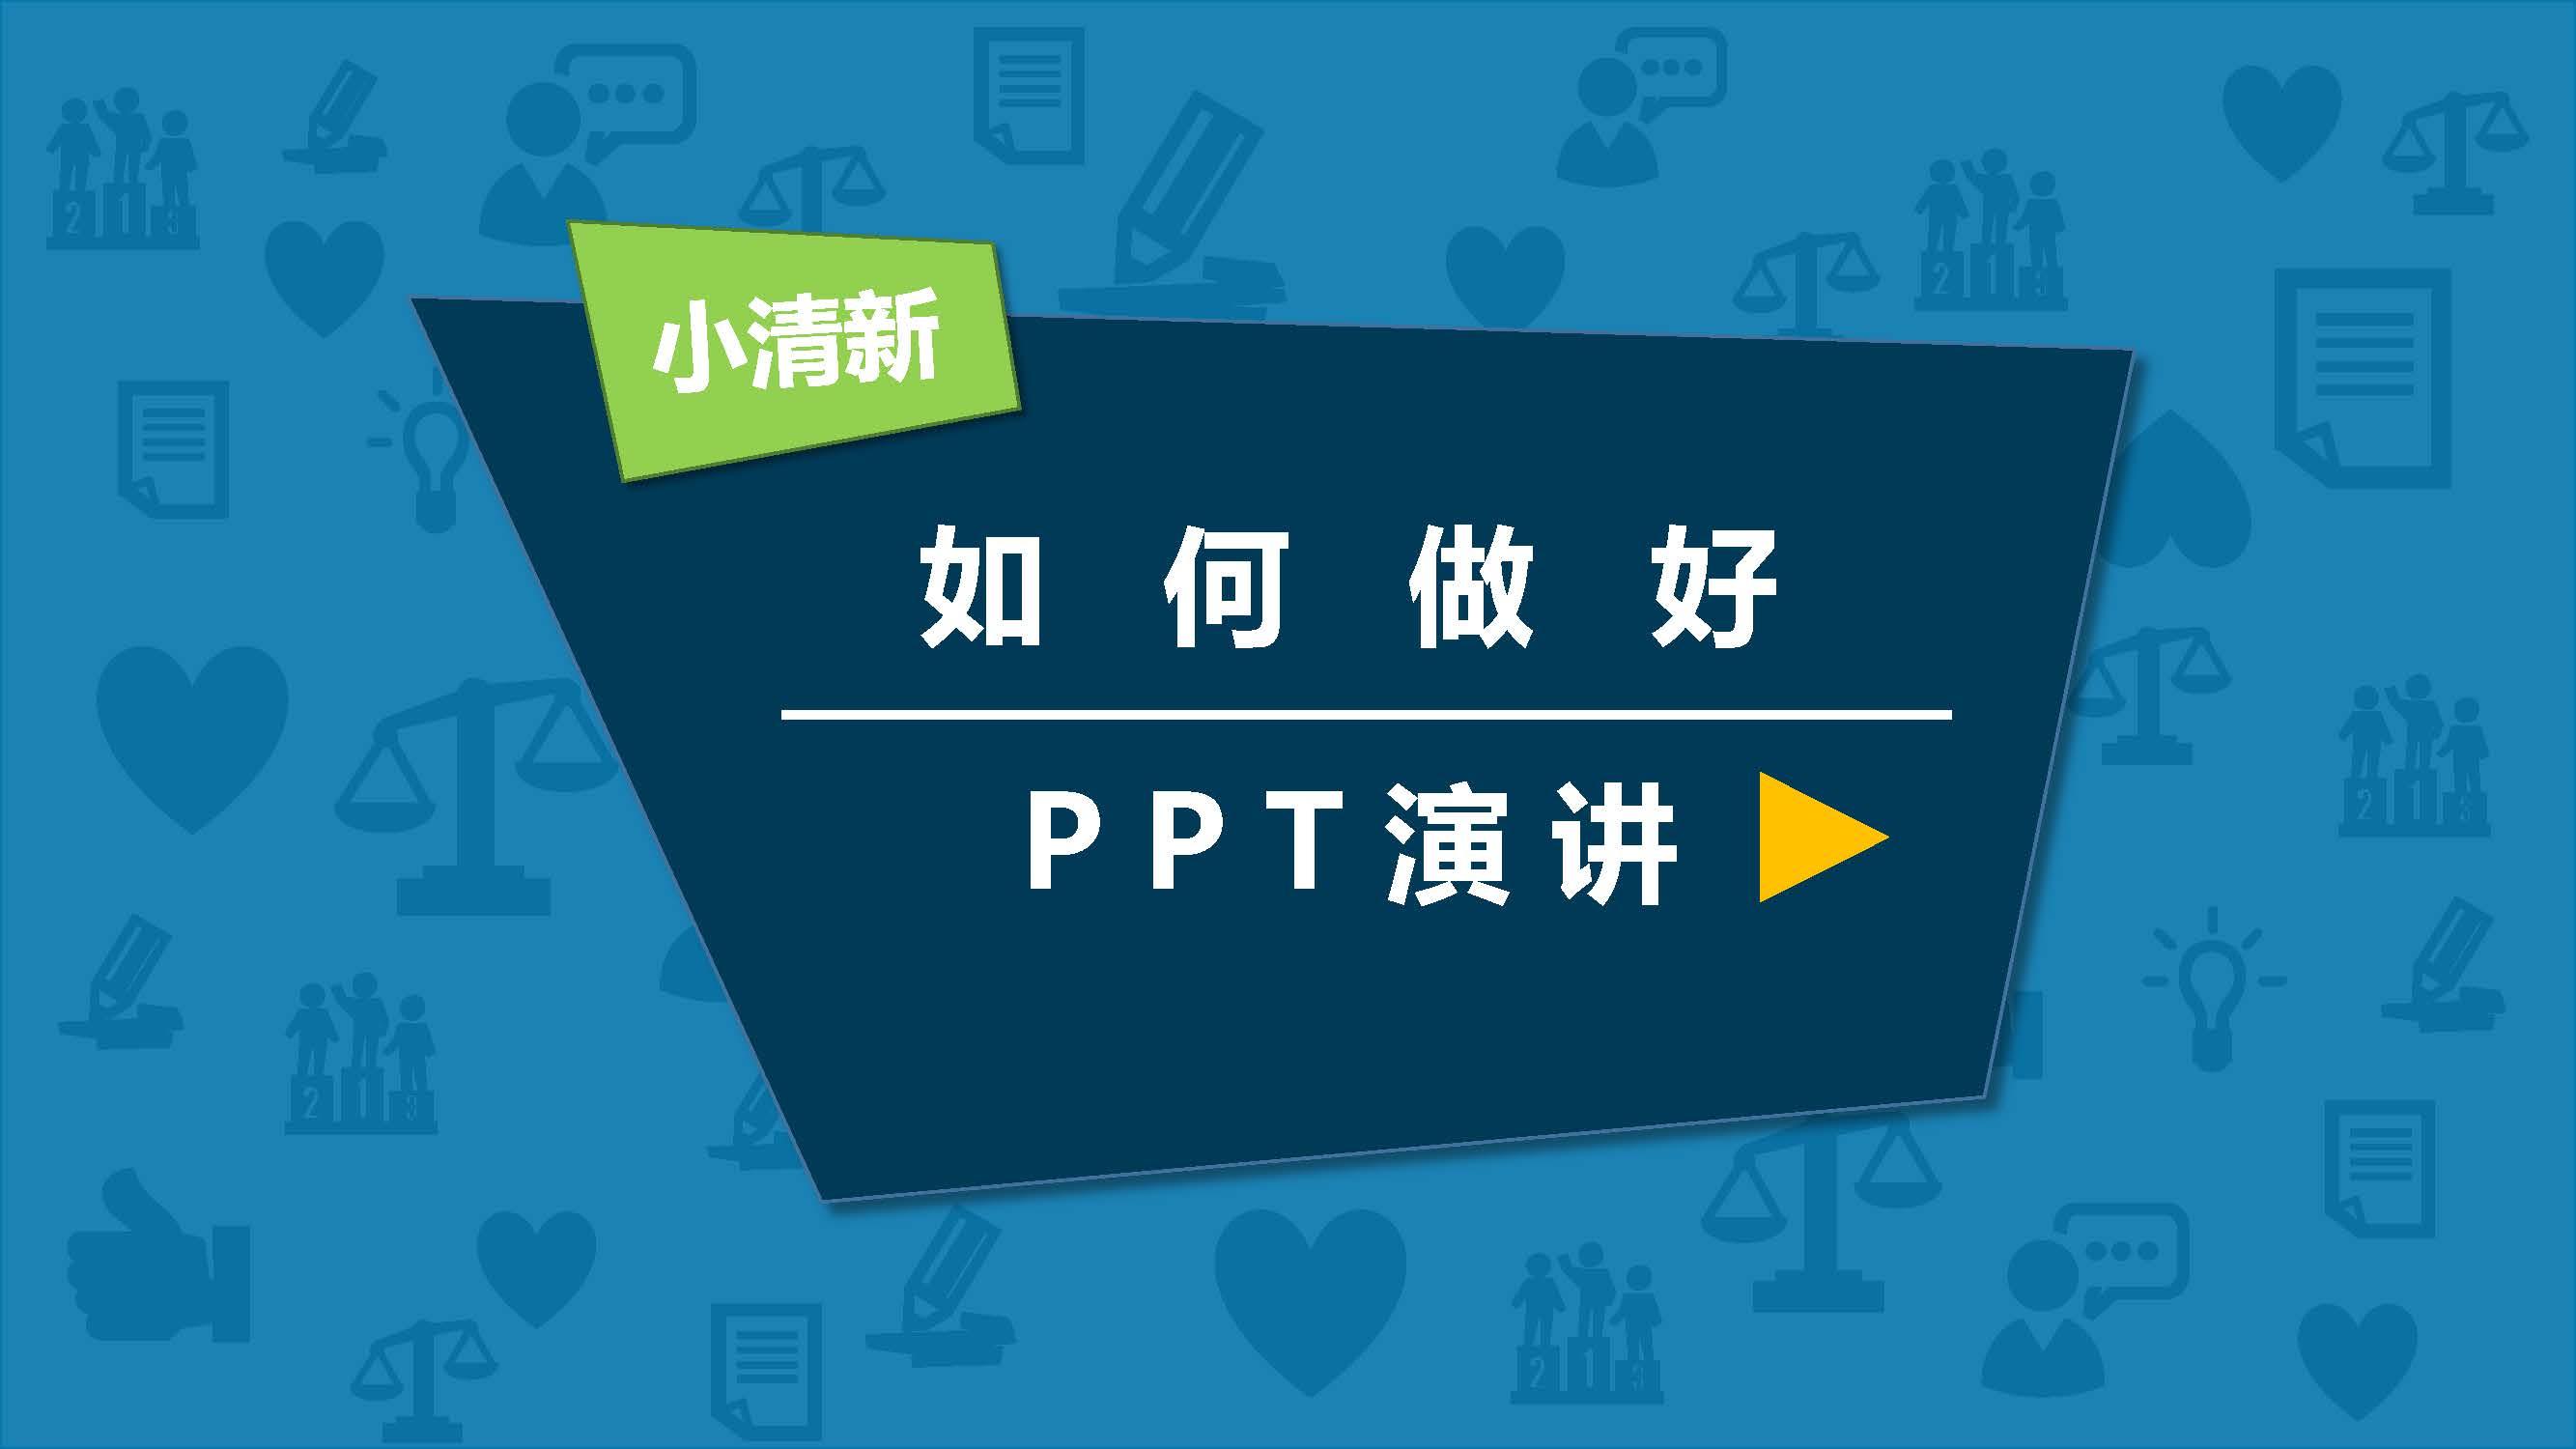 竞聘演讲稿范文_如何做好一个PPT演讲?_百度知道